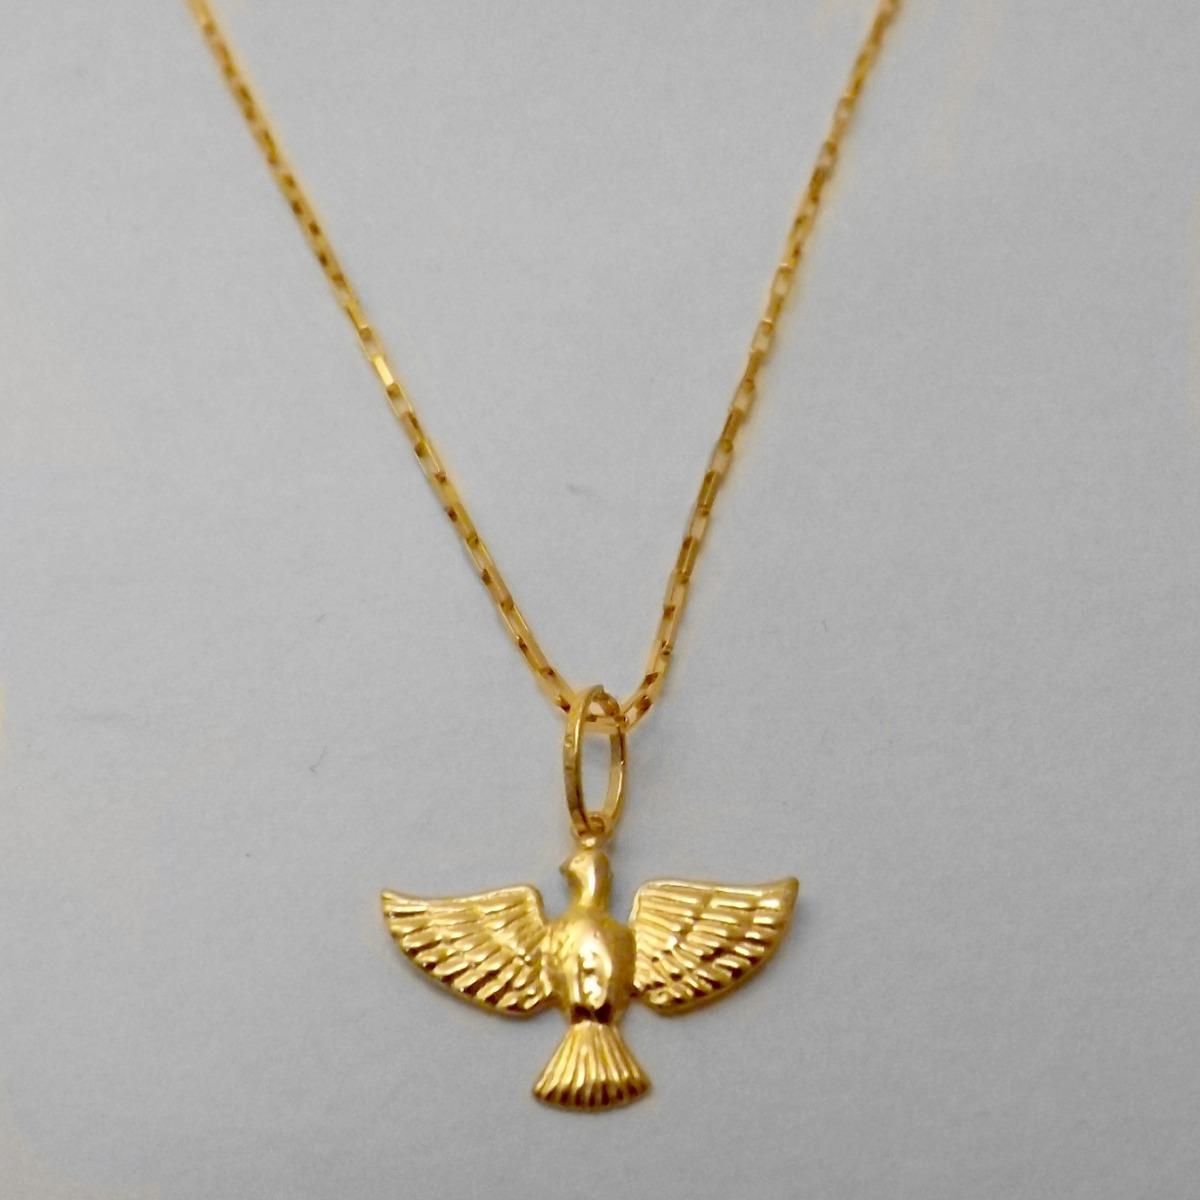 9cde70f4aa316 colar cartier pomba da paz de ouro 18k 45 cm com garantia. Carregando zoom.